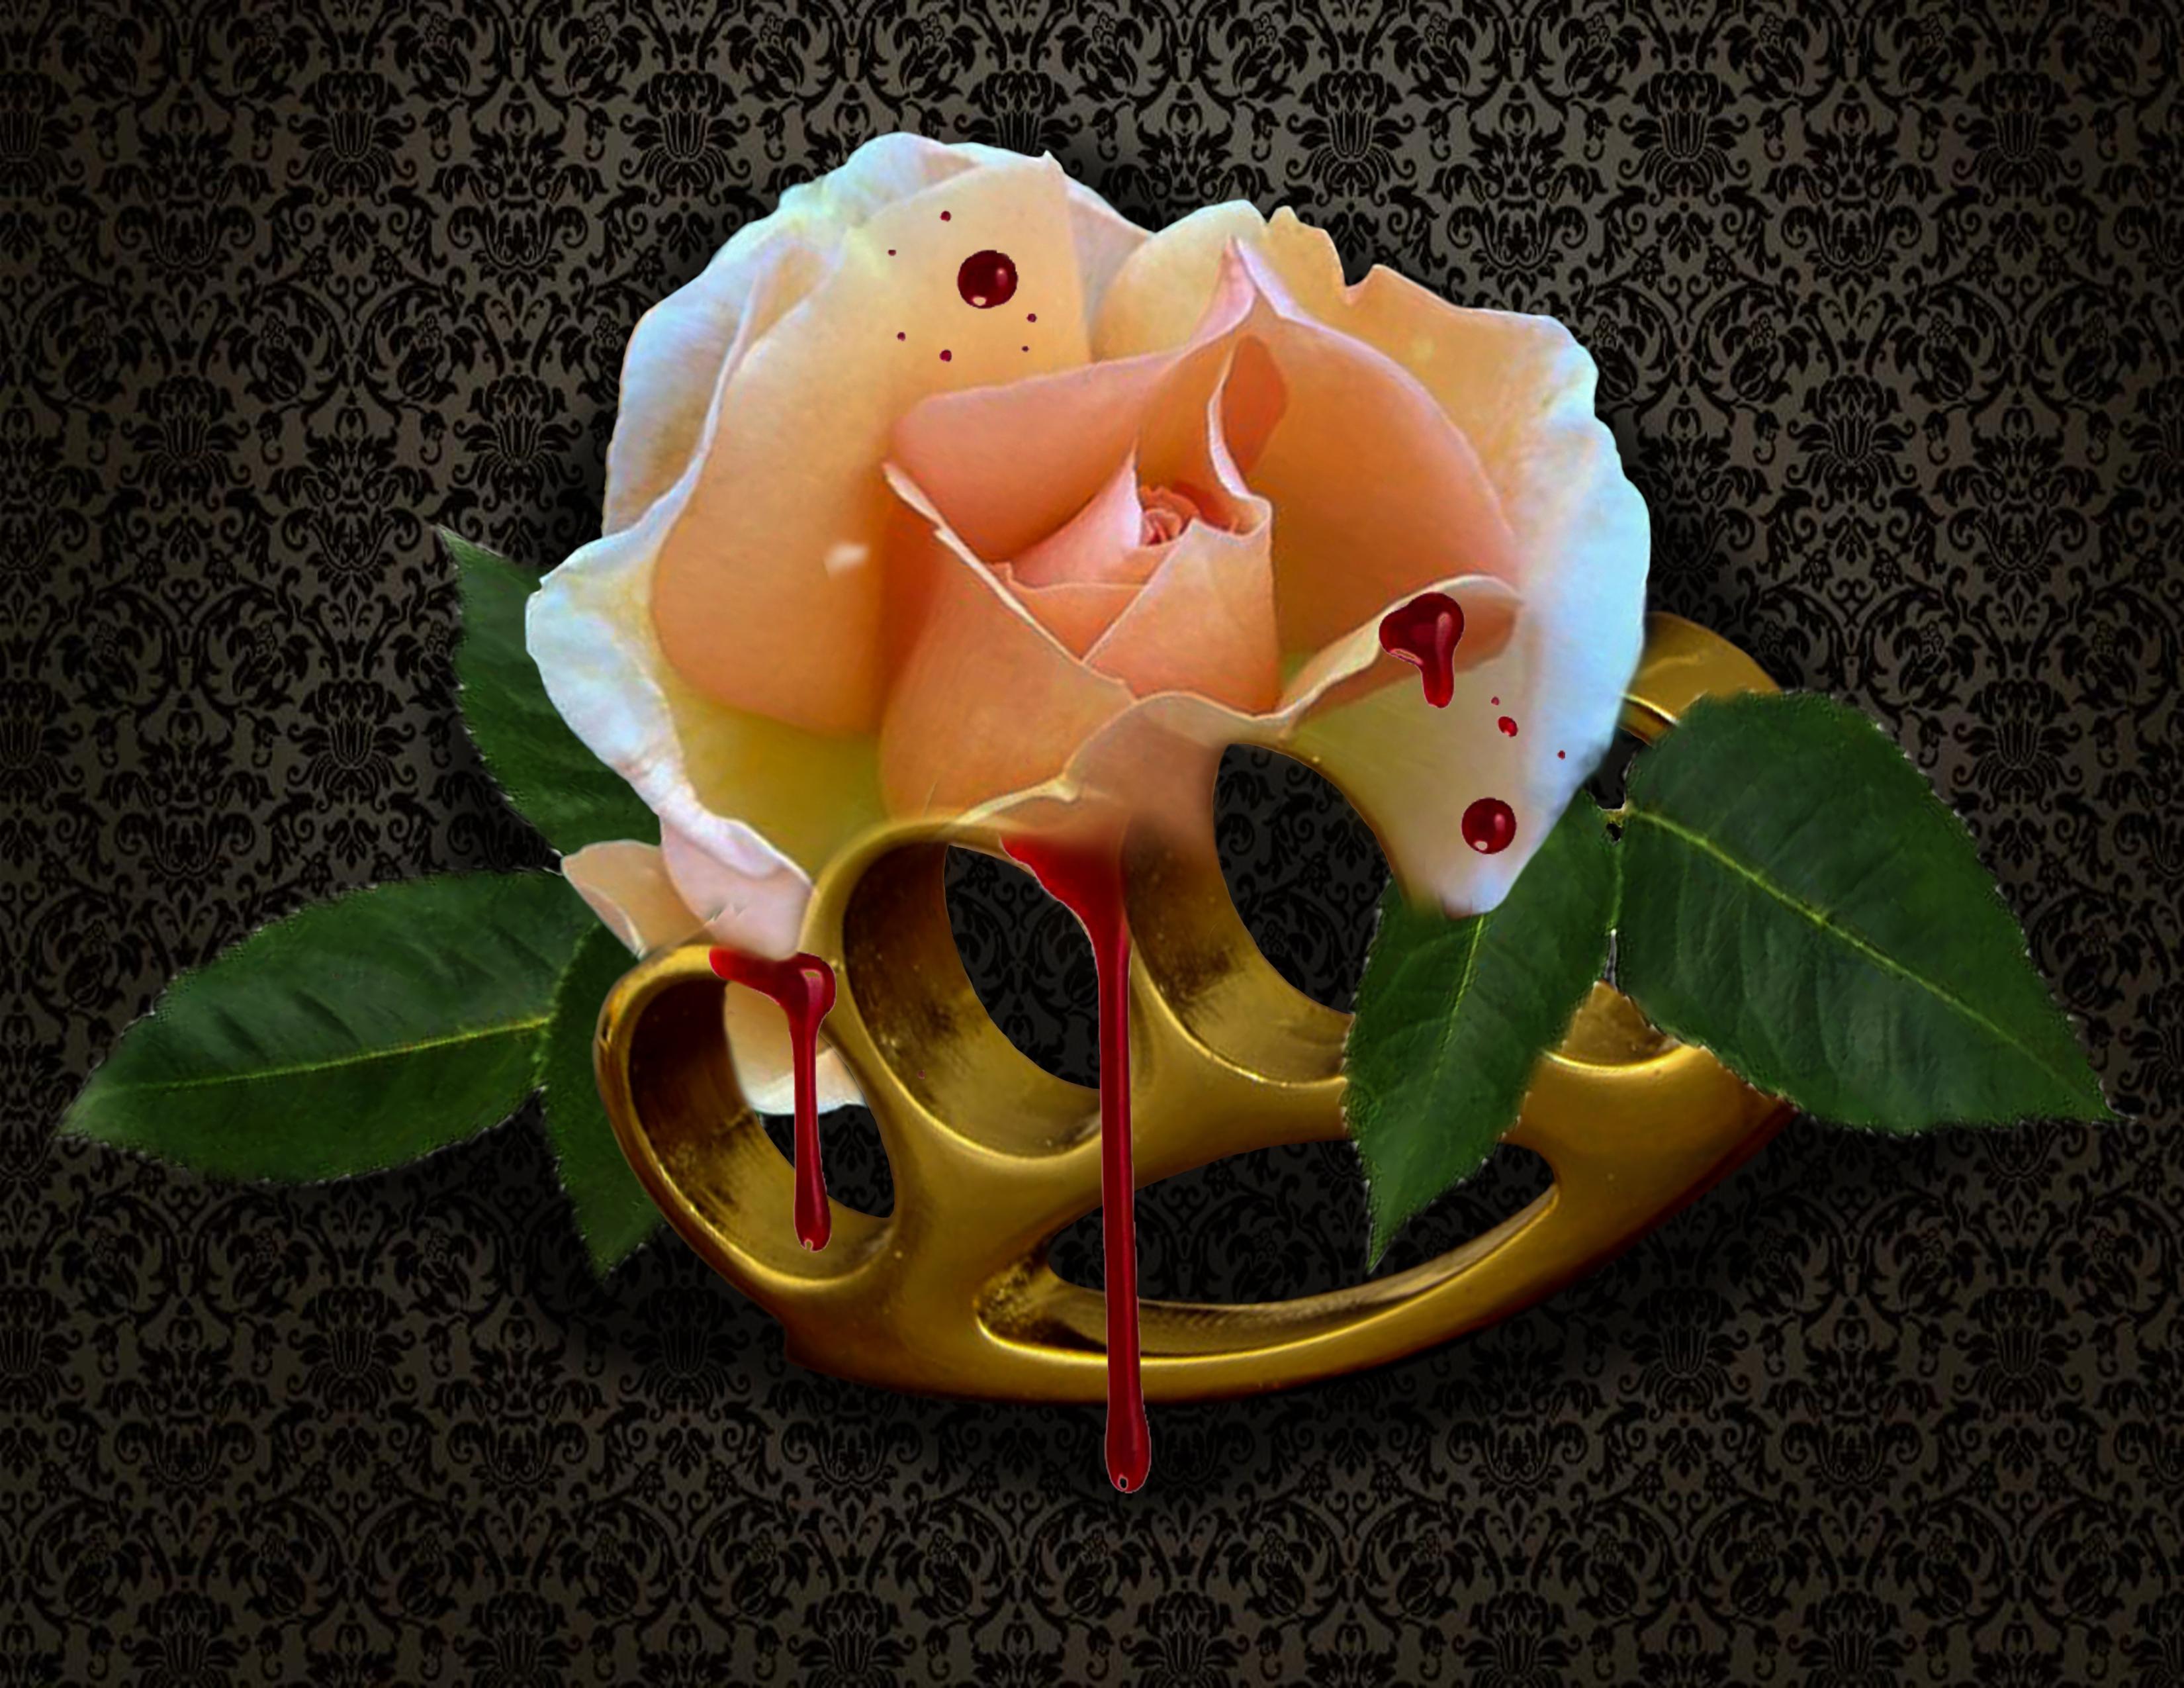 Rose Knuckles